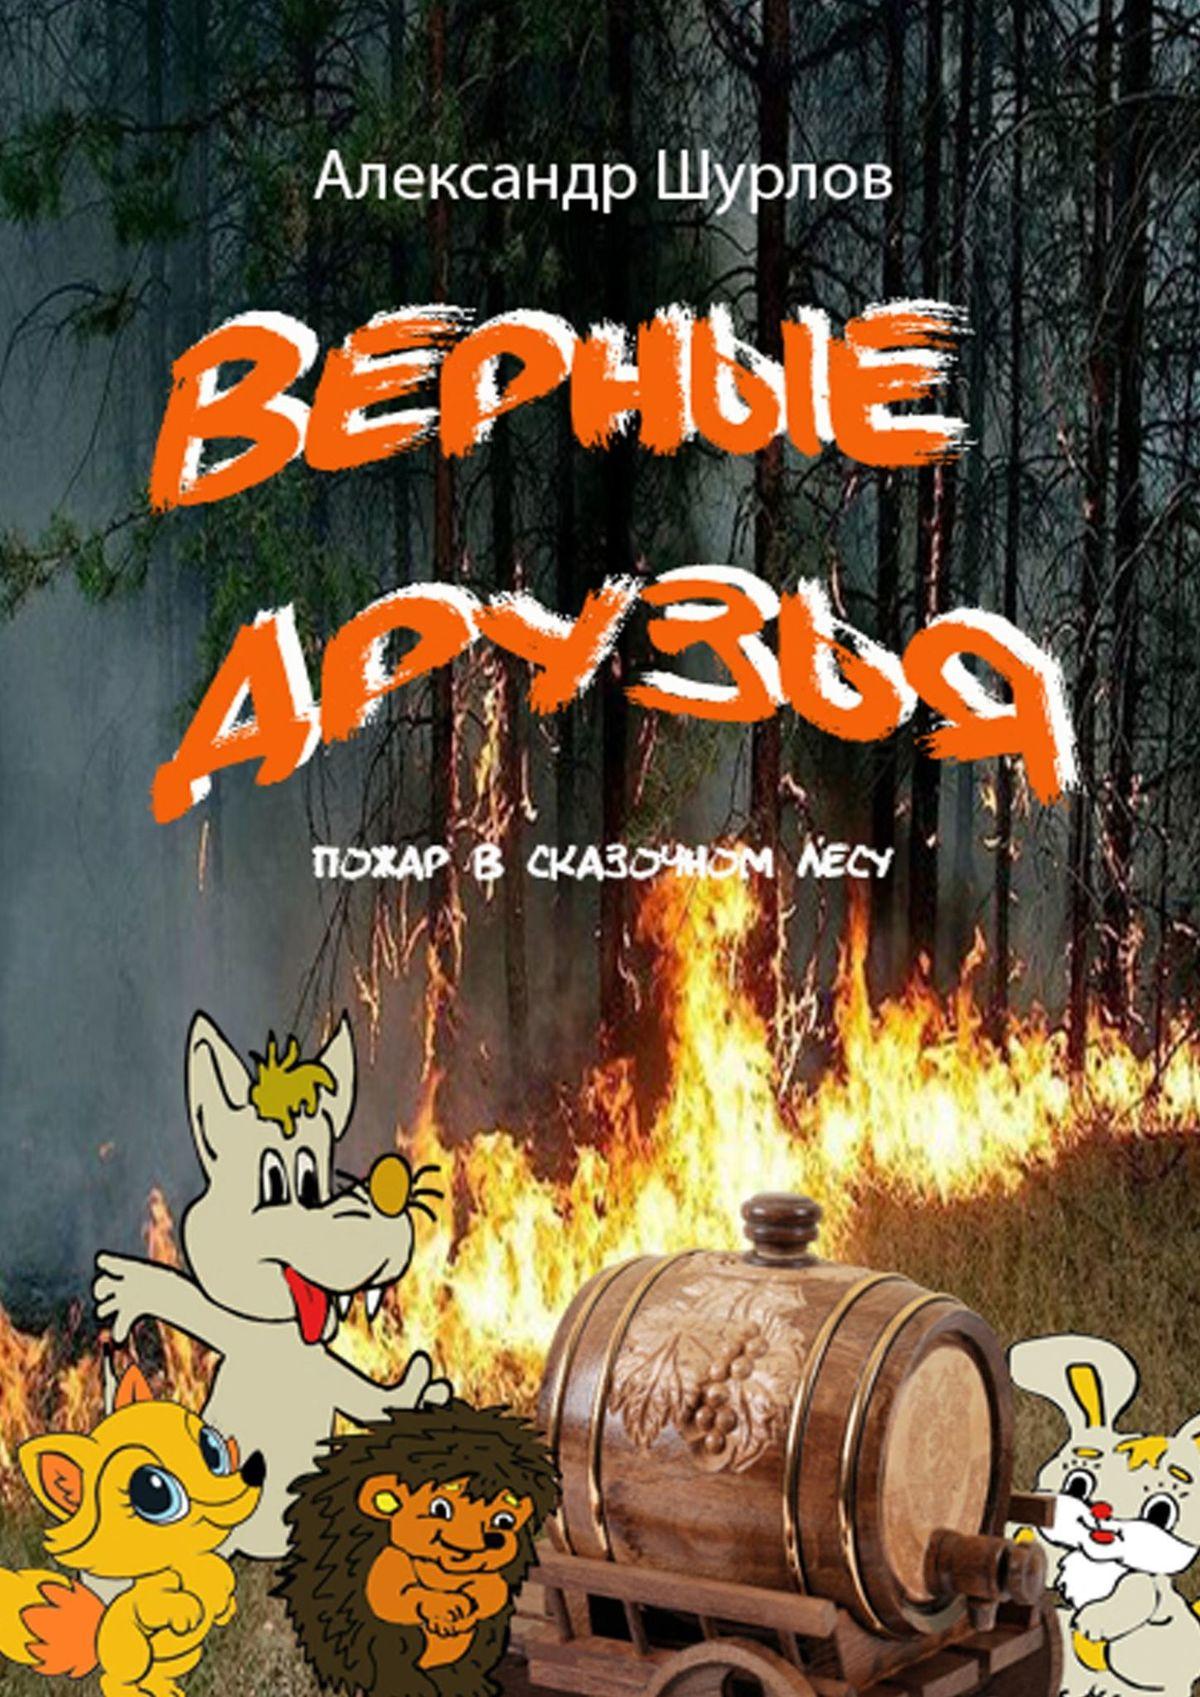 Александр Шурлов Верные друзья. Пожар в сказочном лесу цены